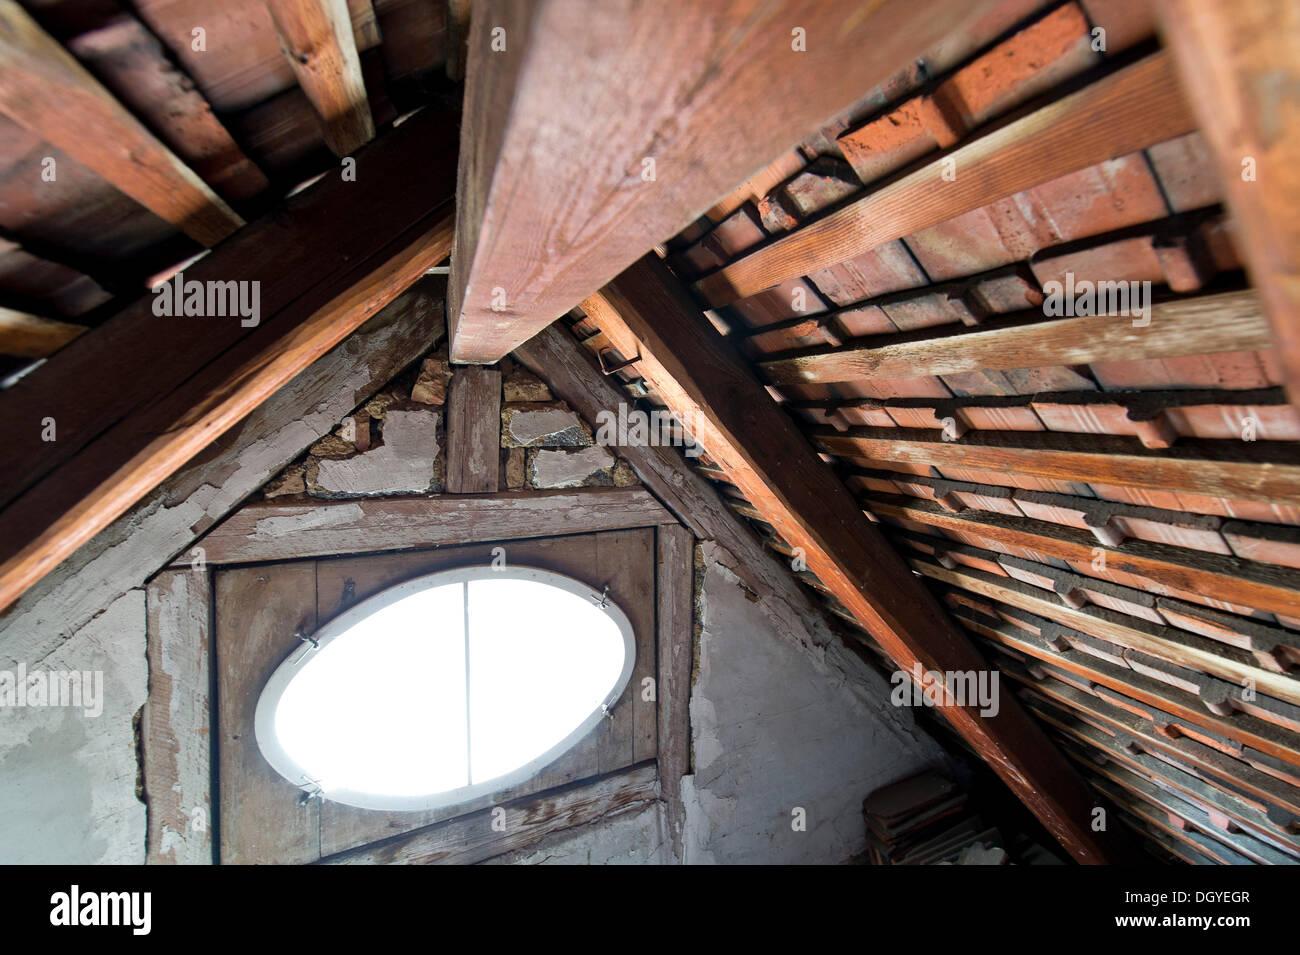 Ein ovales Fenster, Holzbalken, Dachboden, Holzdach eines alten Gebäudes, Stuttgart, Baden-Württemberg Stockfoto